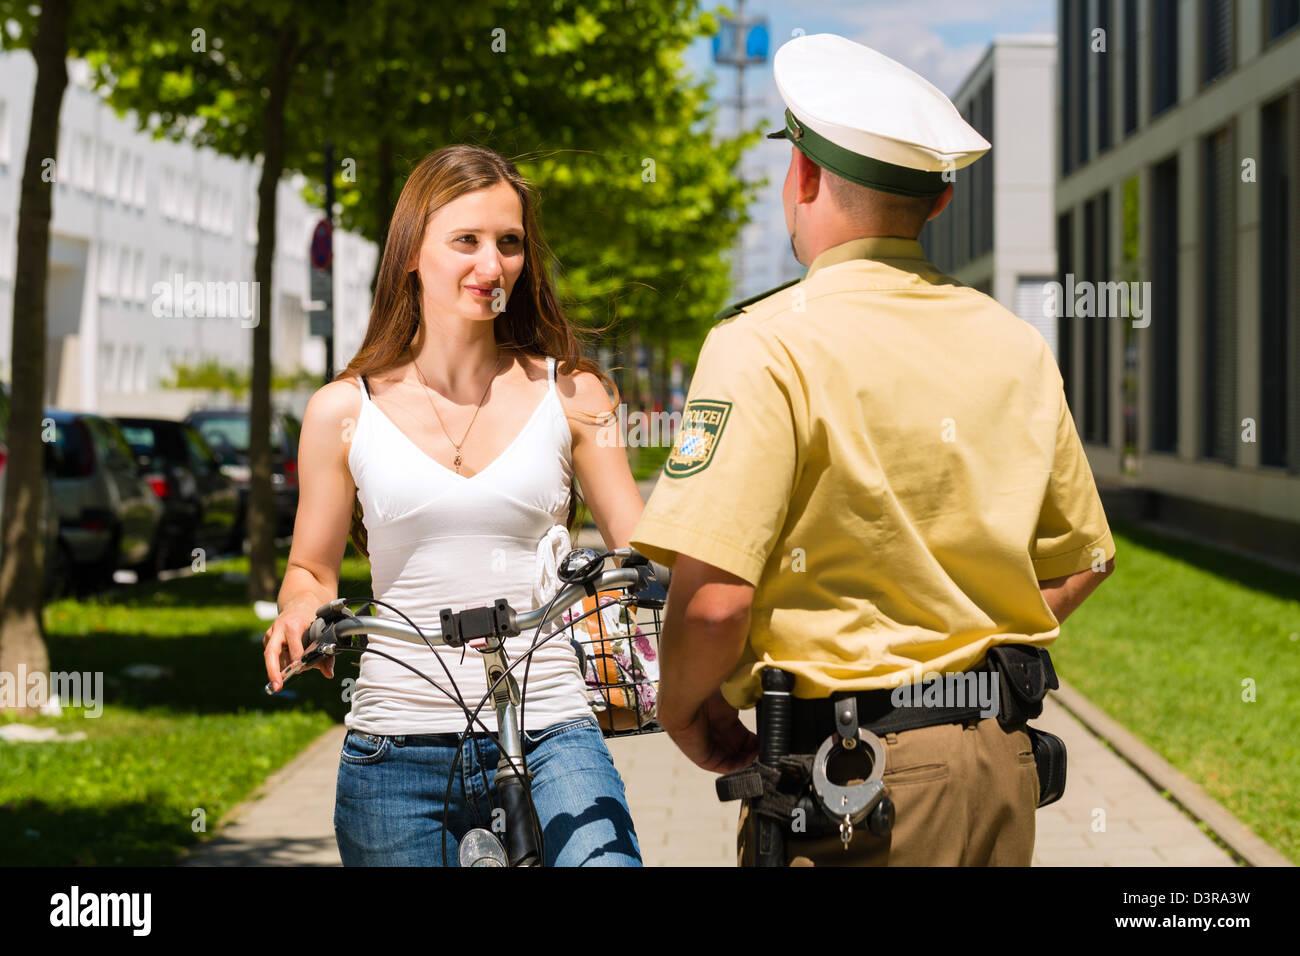 Polizia - giovane donna in bicicletta con il funzionario di polizia nel controllo del traffico Immagini Stock